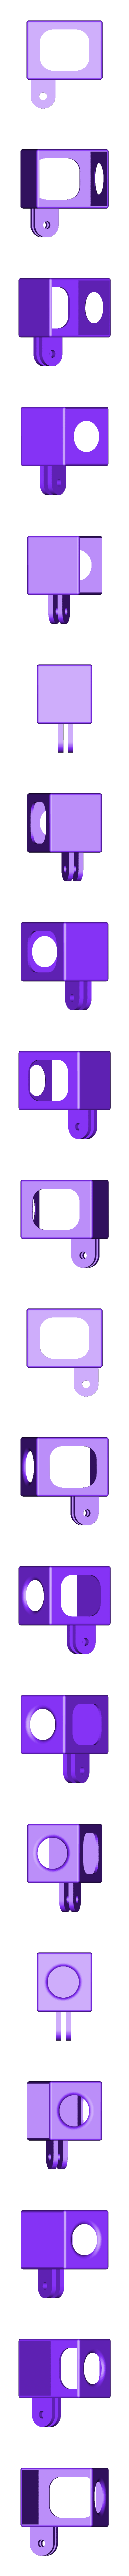 case_hawkeye_firefly_2.STL Télécharger fichier STL gratuit Case hawkeye Firefly 2 mount • Modèle pour impression 3D, weaselstar